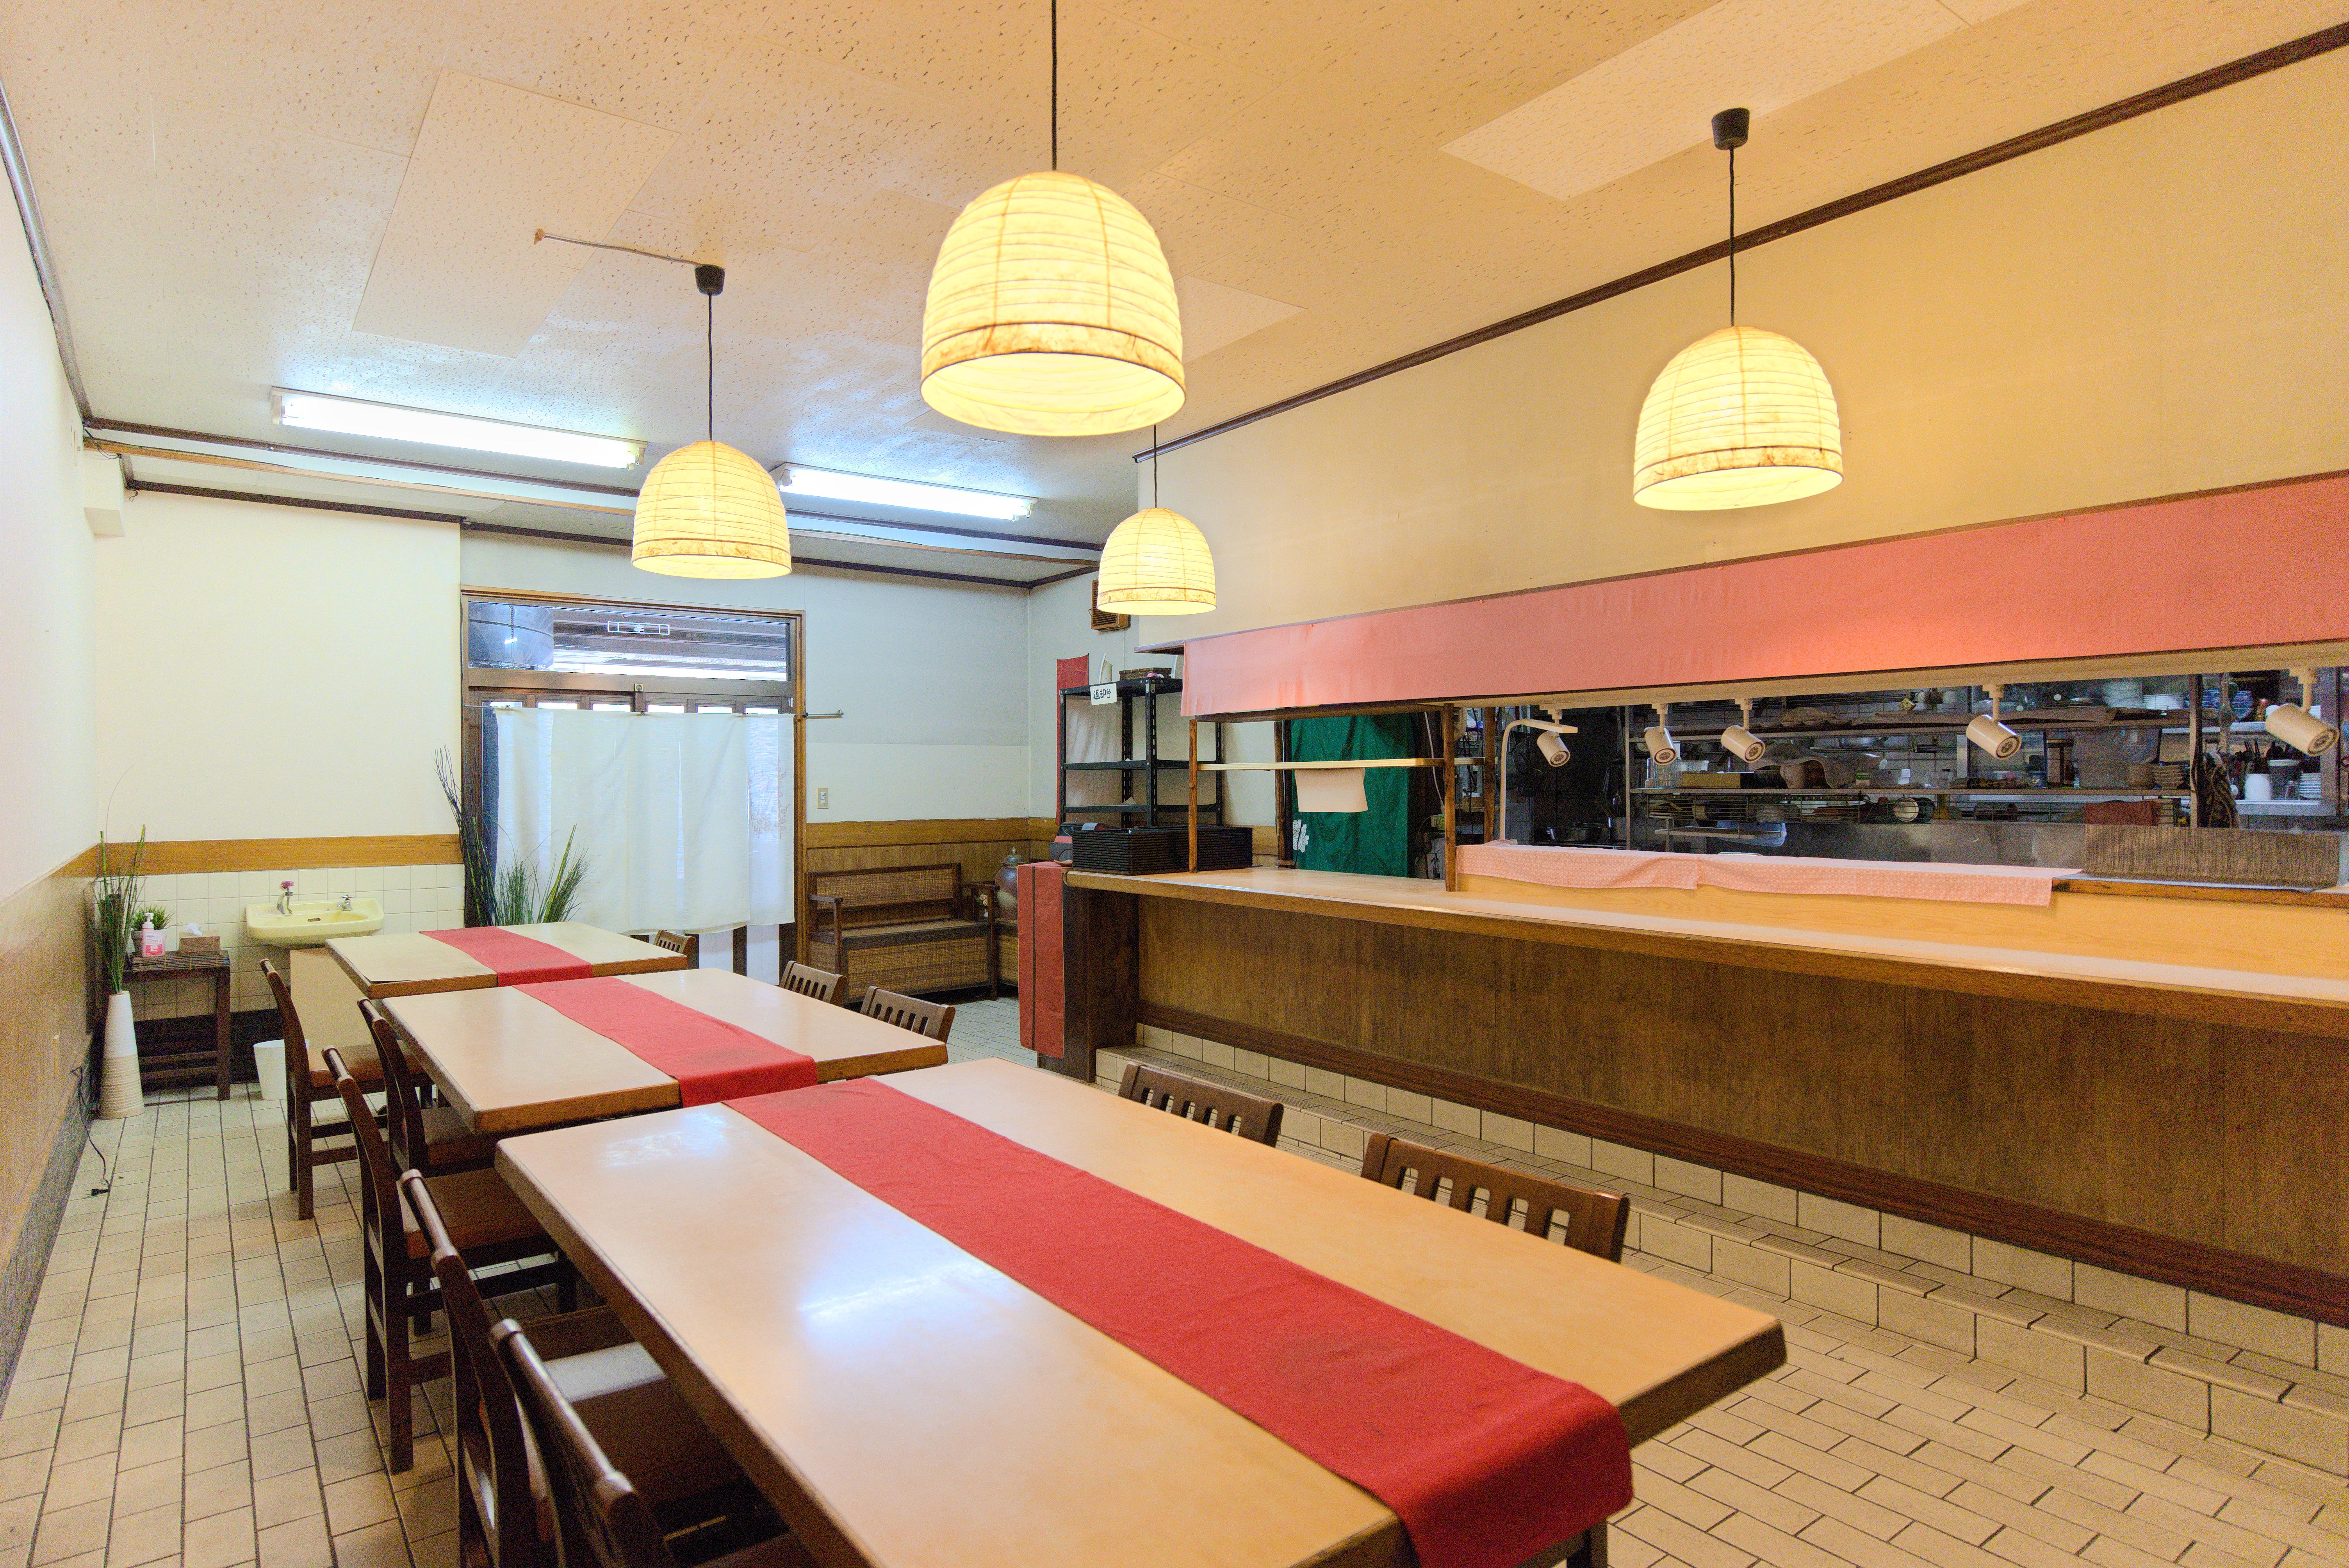 レンタルスペース平野 【TVで人気】キッチン付スペースの室内の写真